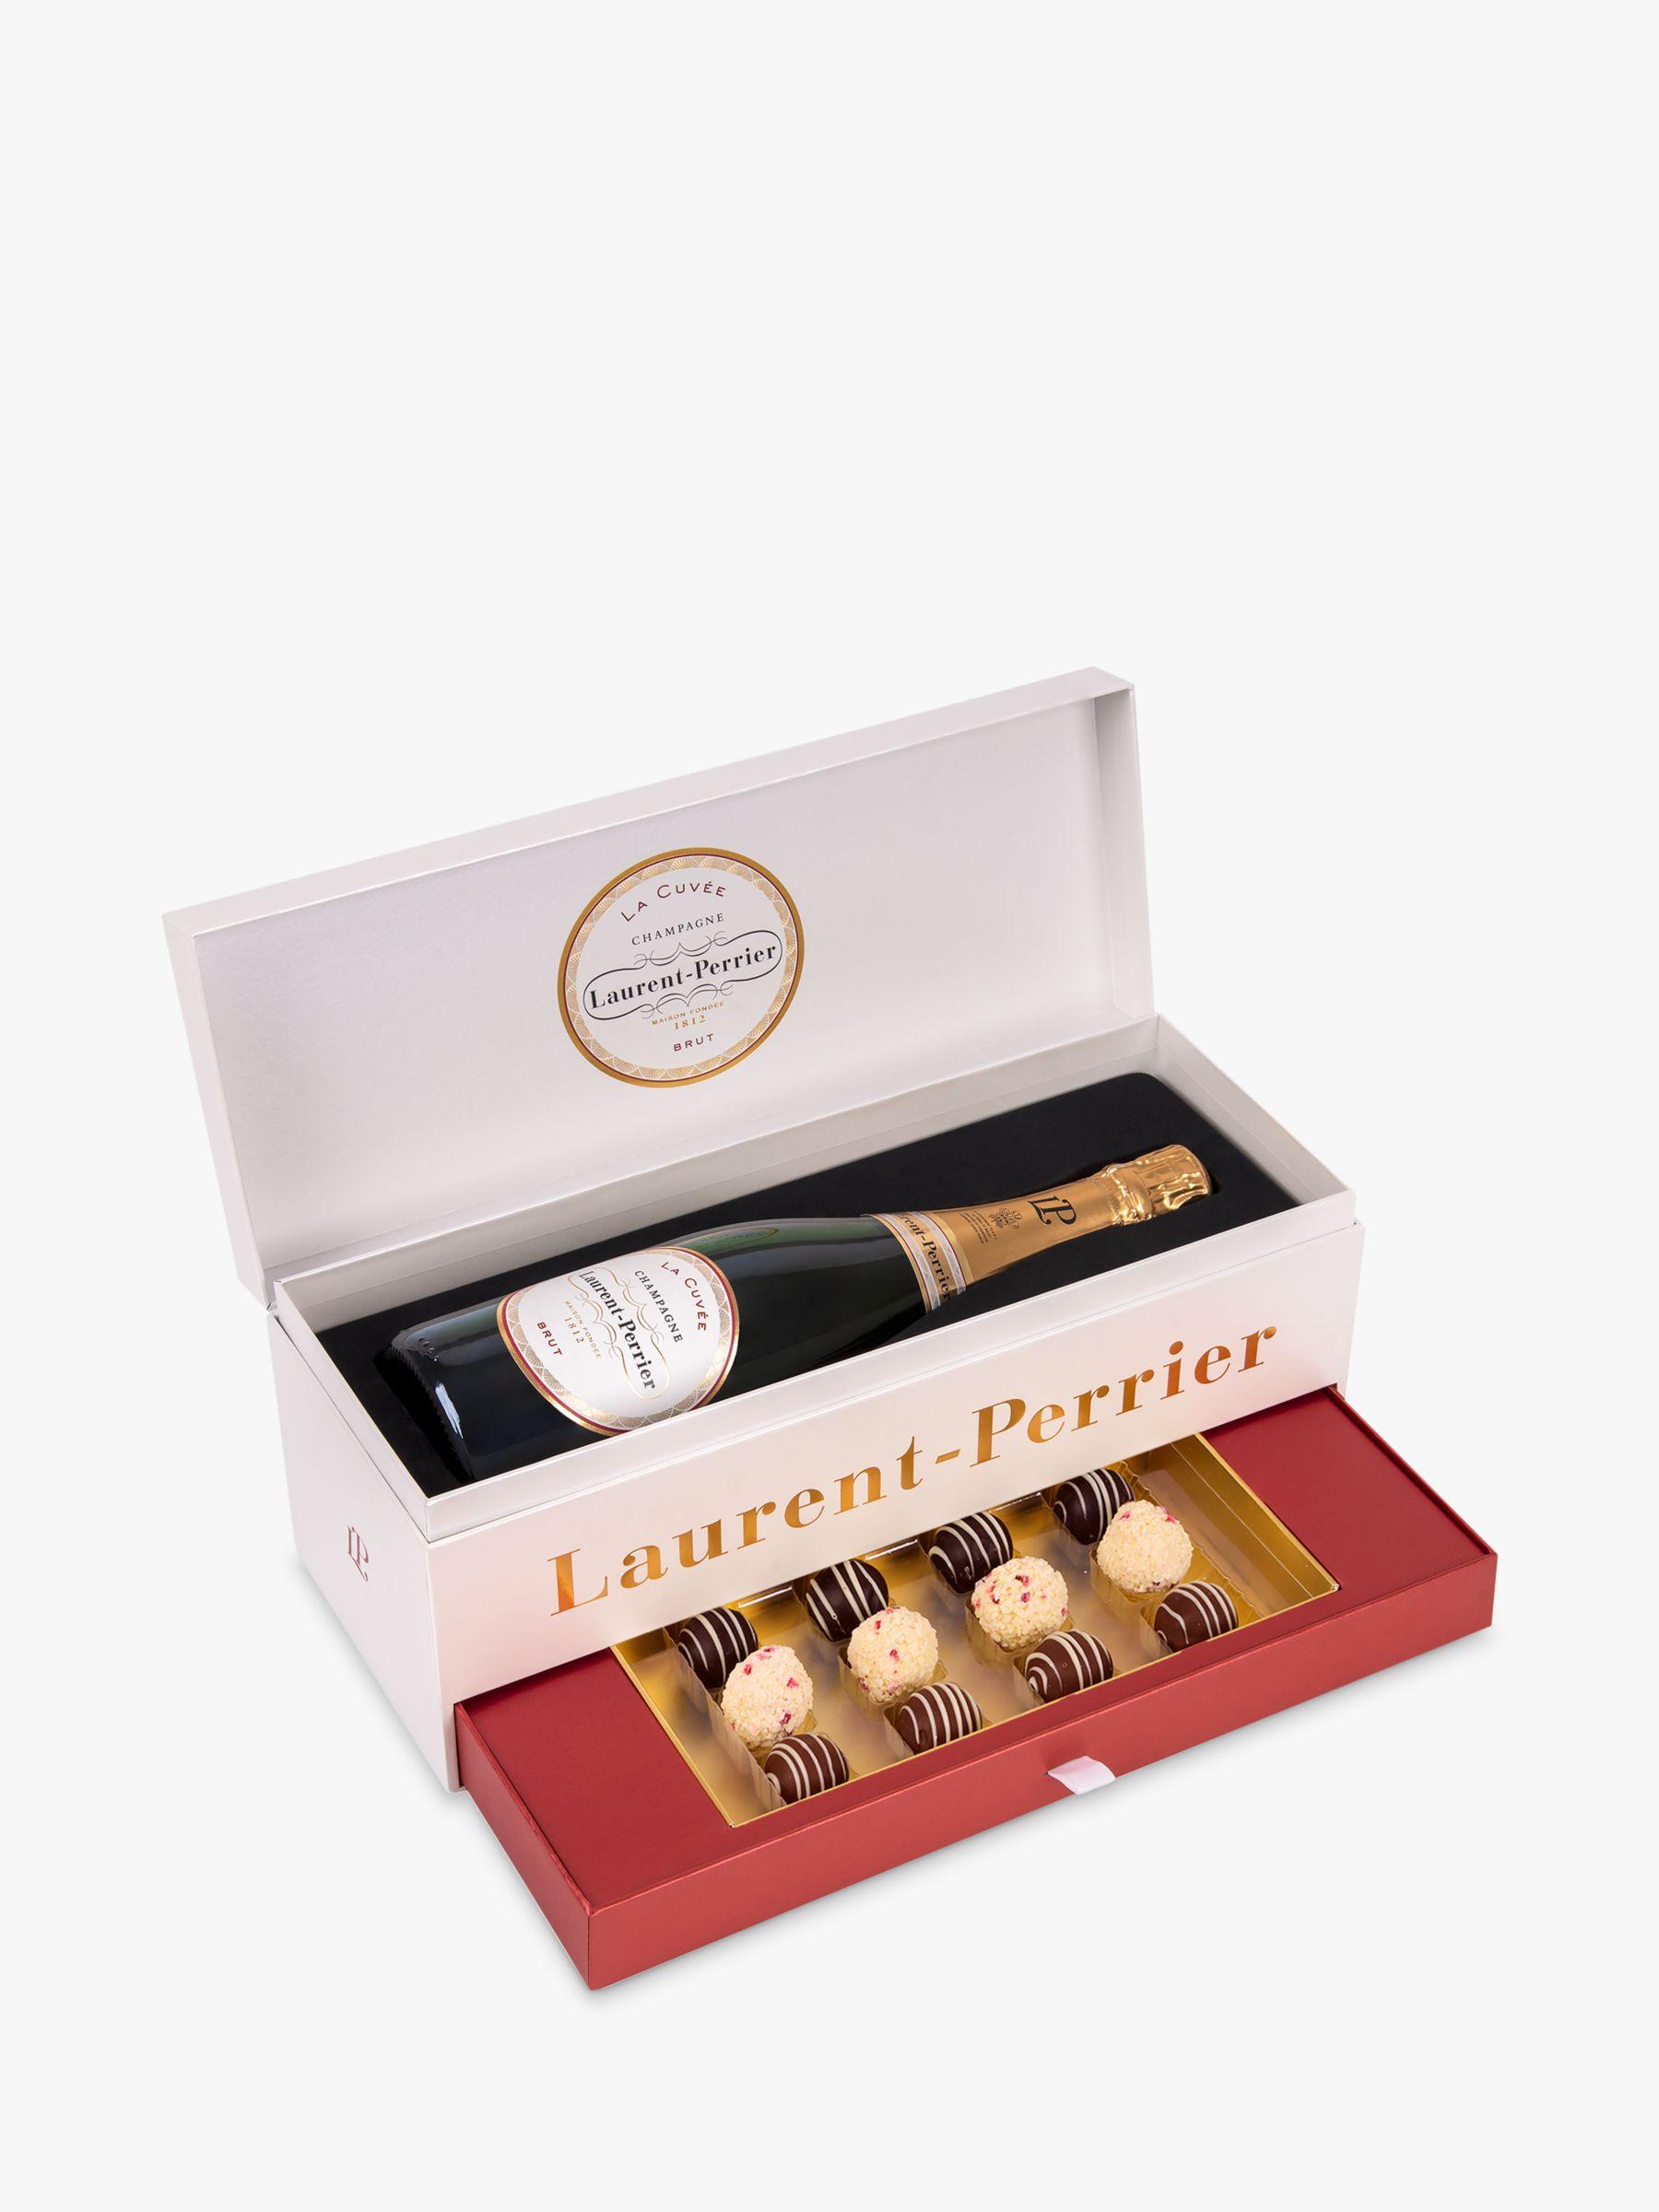 Laurent-Perrier Laurent-Perrier Brut Champagne and Montezuma's Truffle Set, 75cl